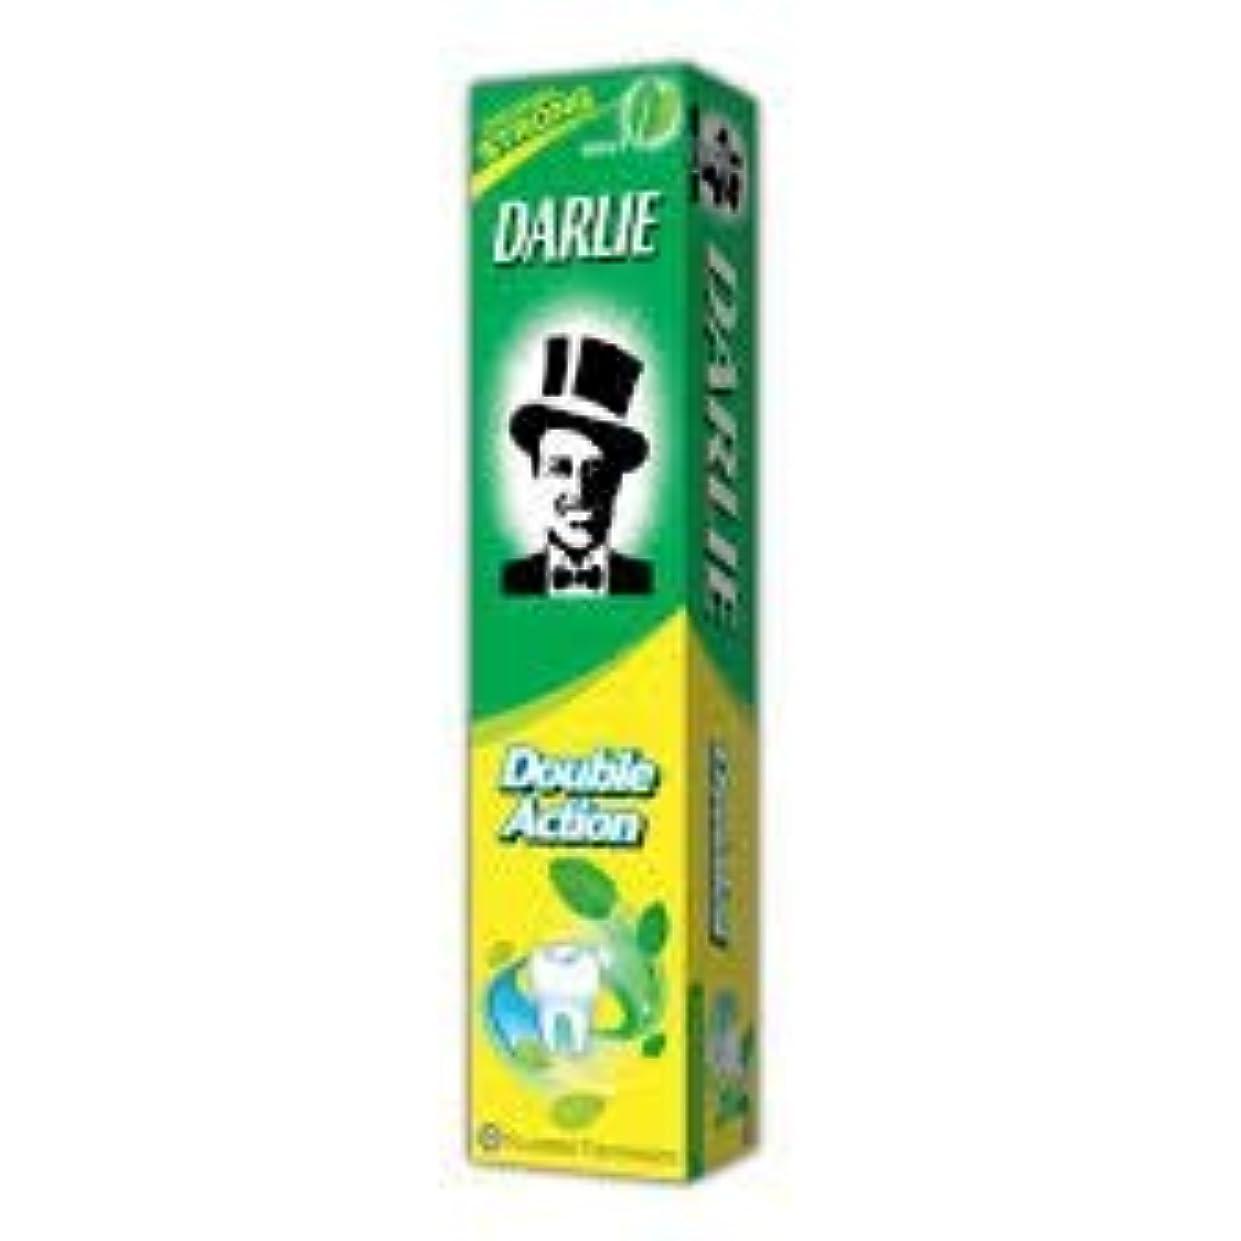 悲観的許されるズームインするDARLIE 歯磨き粉ジャンボ 250g-12 時間のためのより長く持続する新鮮な息を与える-効果的に経口細菌を減少させます